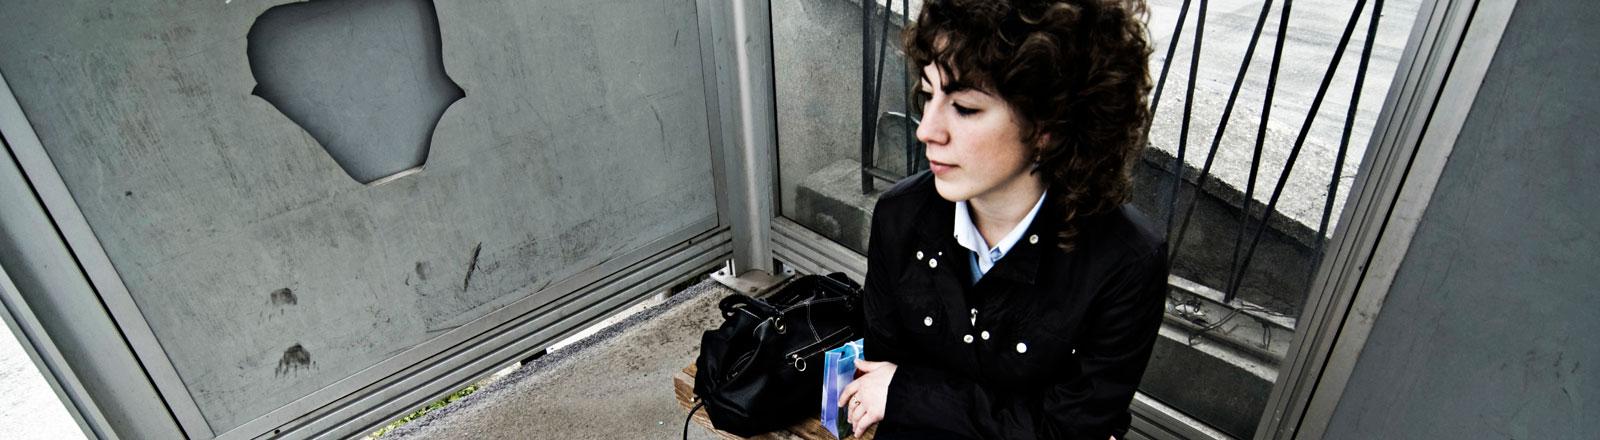 Eine Frau sitzt an einer Bushaltestelle